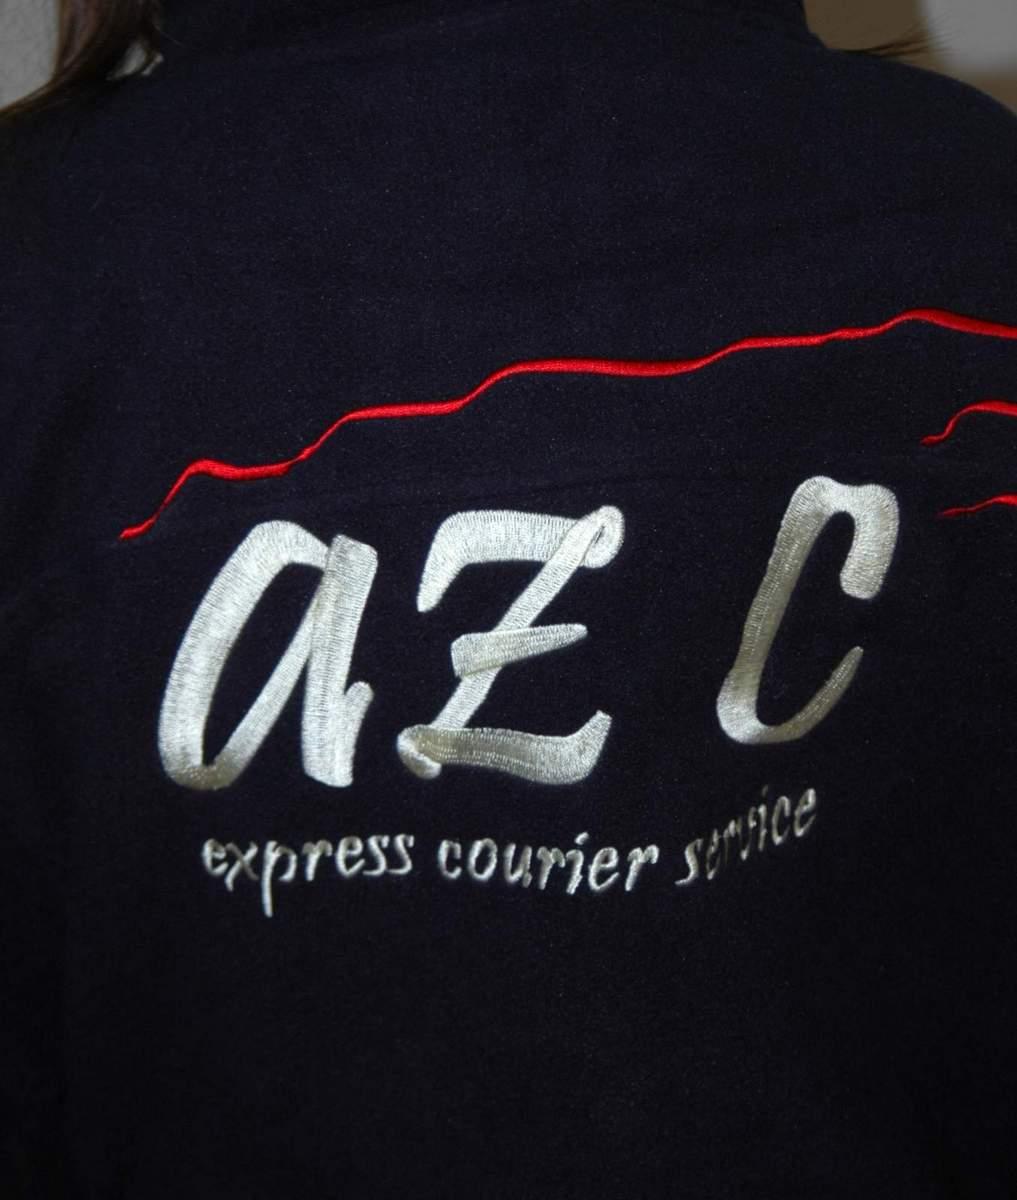 0ed2a40d807b Fleecové vesty s výšivkou AZ C Express Courier Service